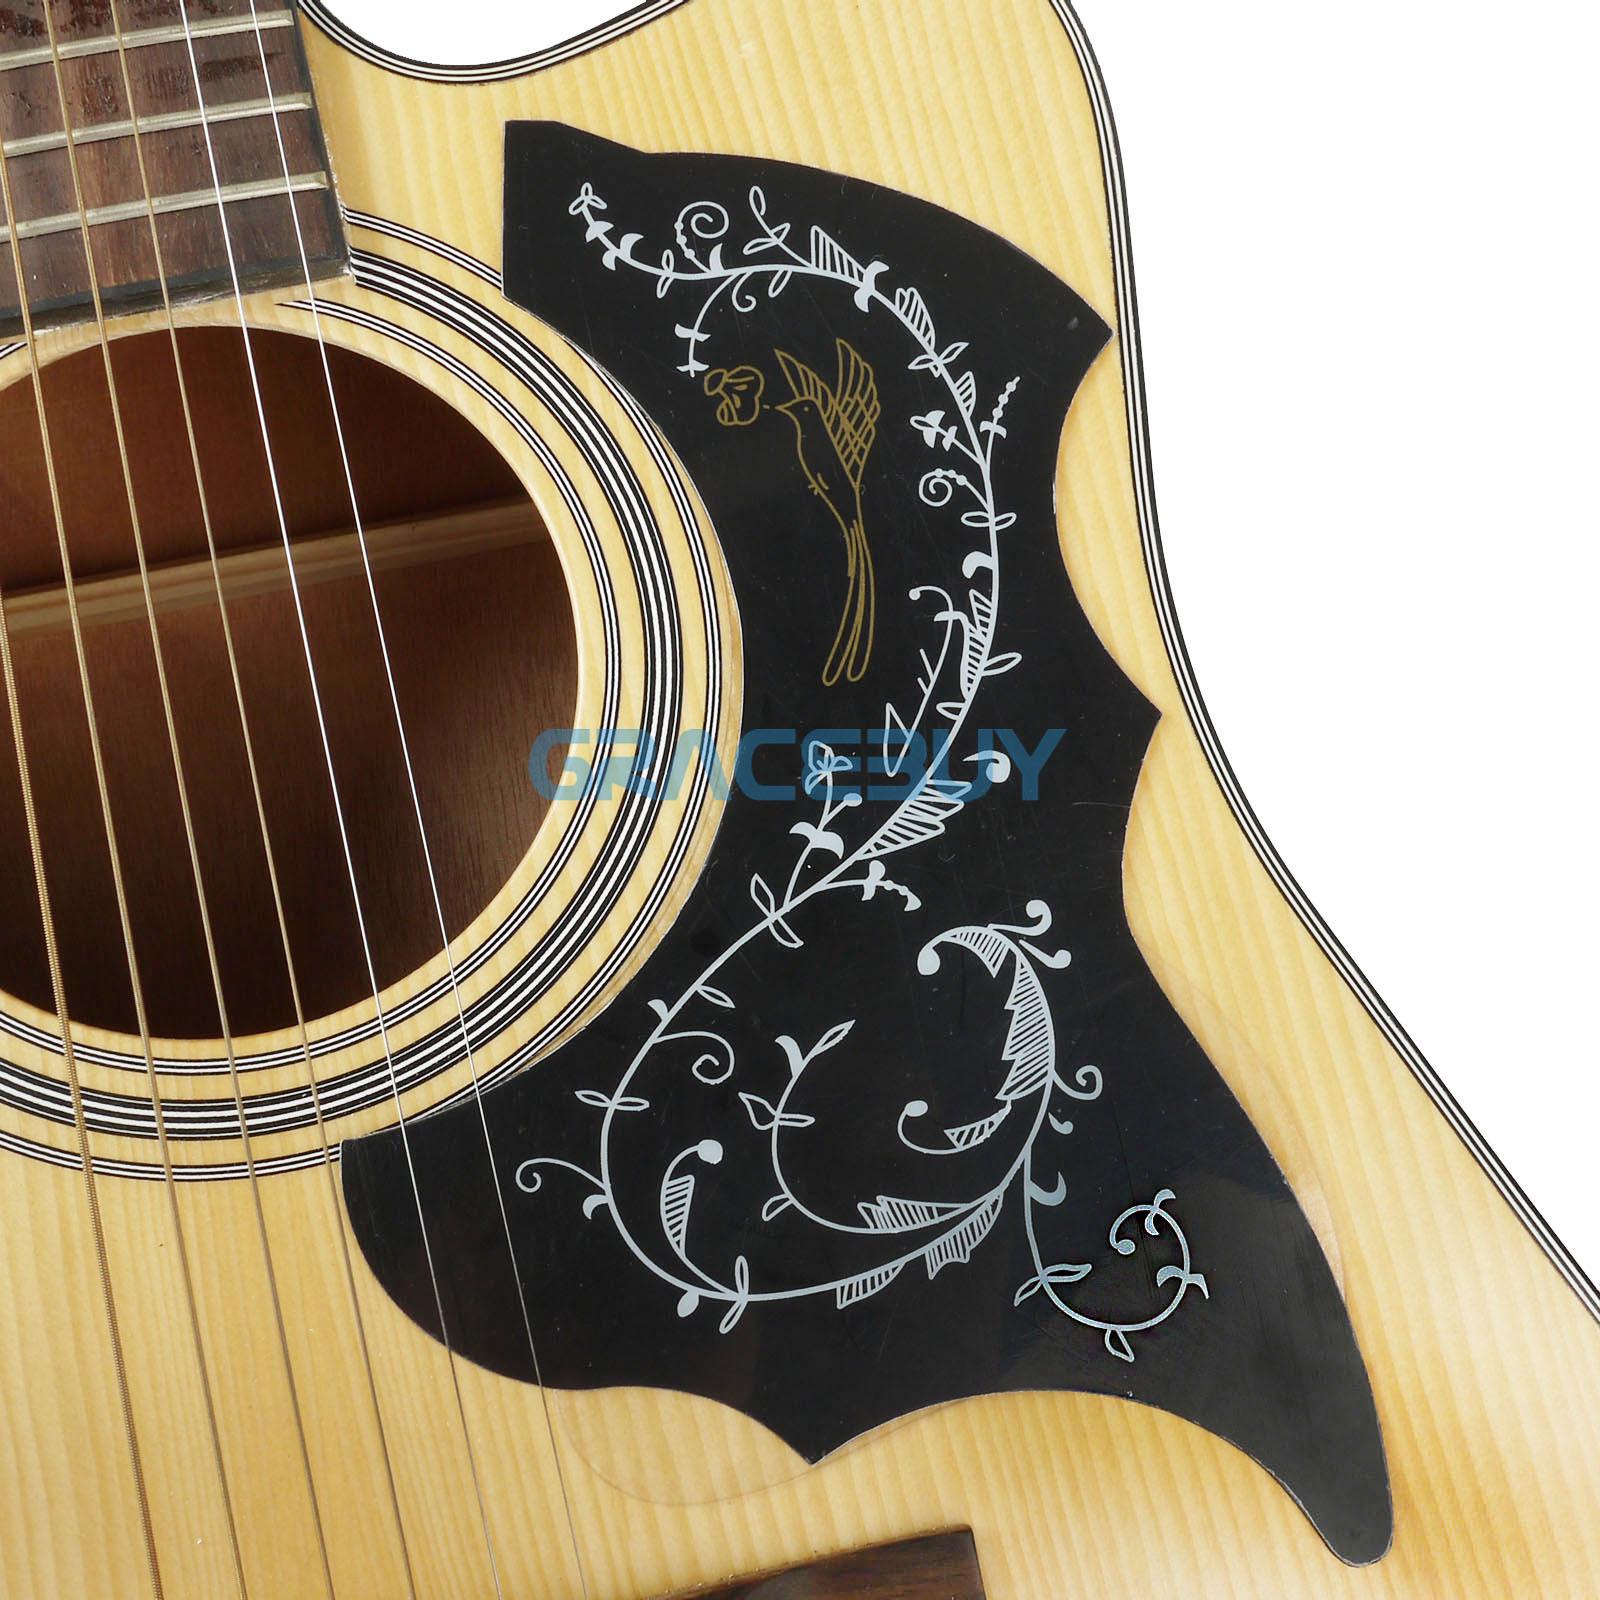 40 41 42 Acoustic Guitar Pickguard Sticker Scratch Plate